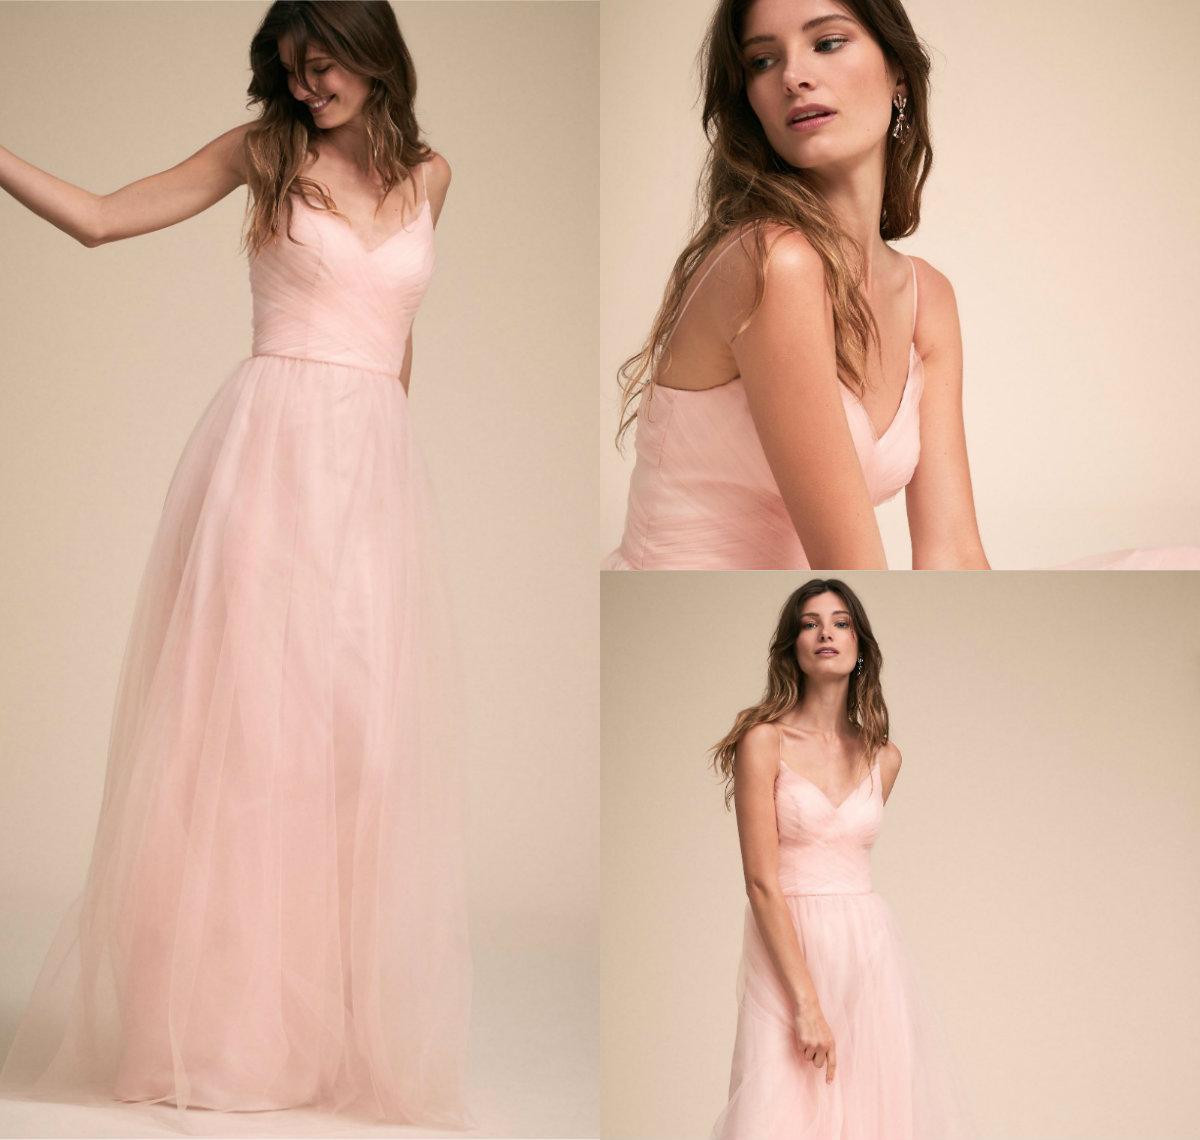 rosa brautjungfer kleider für den sommer garten land hochzeiten spaghetti  hochzeit gast kleid elegante spitze schärpe lange abendkleid party kleider